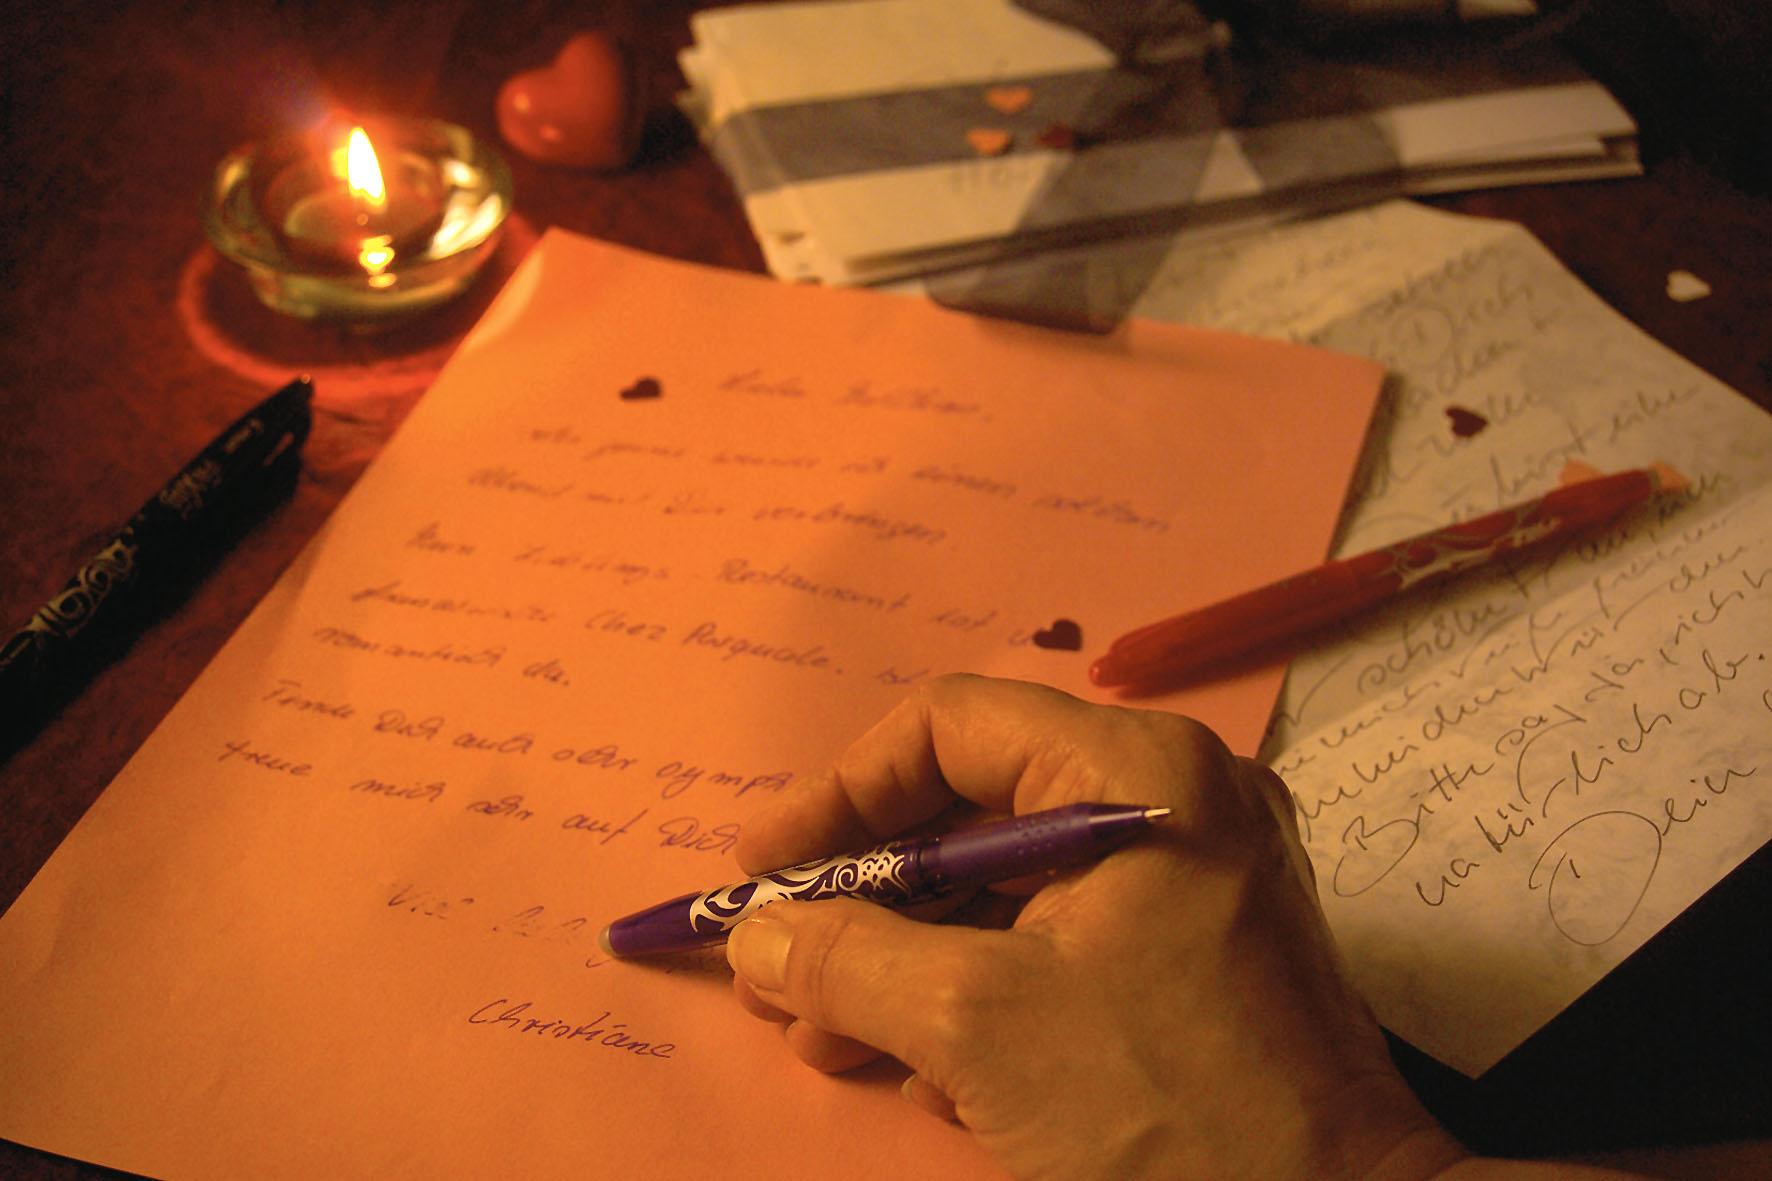 Briefe Schreiben Tablet : Persönliche zeilen schreibt man besser mit der hand